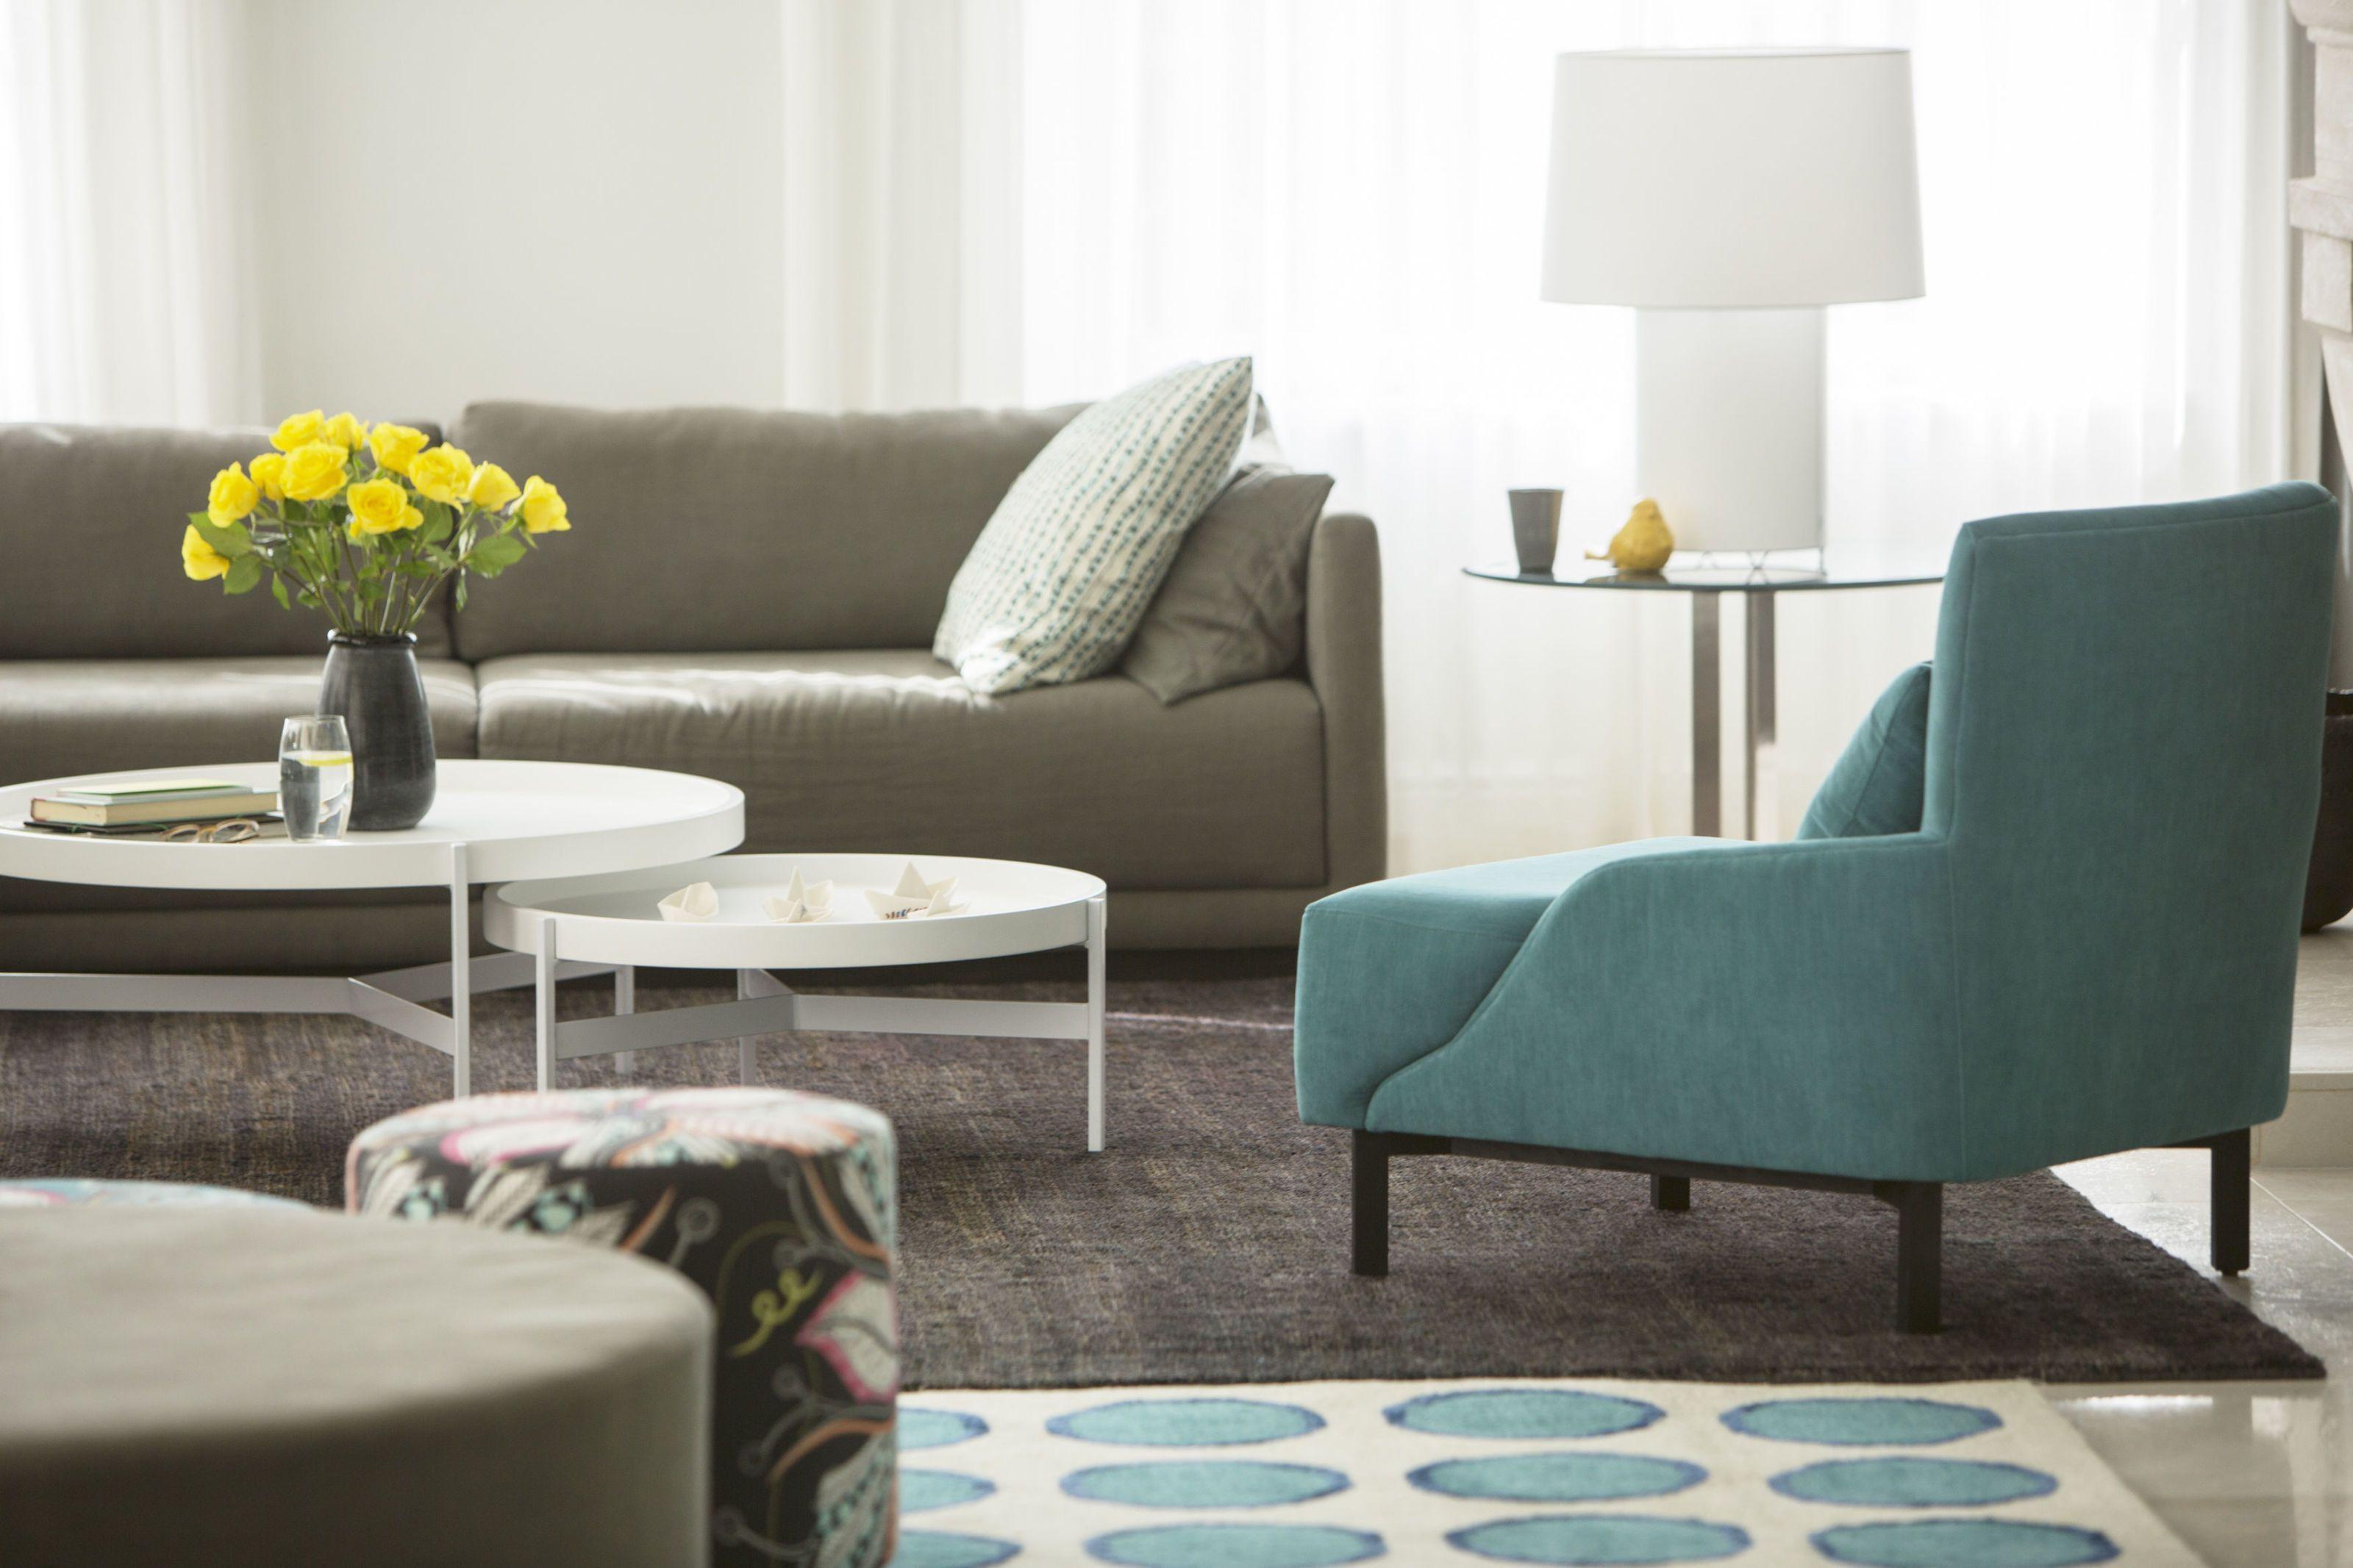 4 living room layout ideas how to arrange living room furniture rh elledecor com